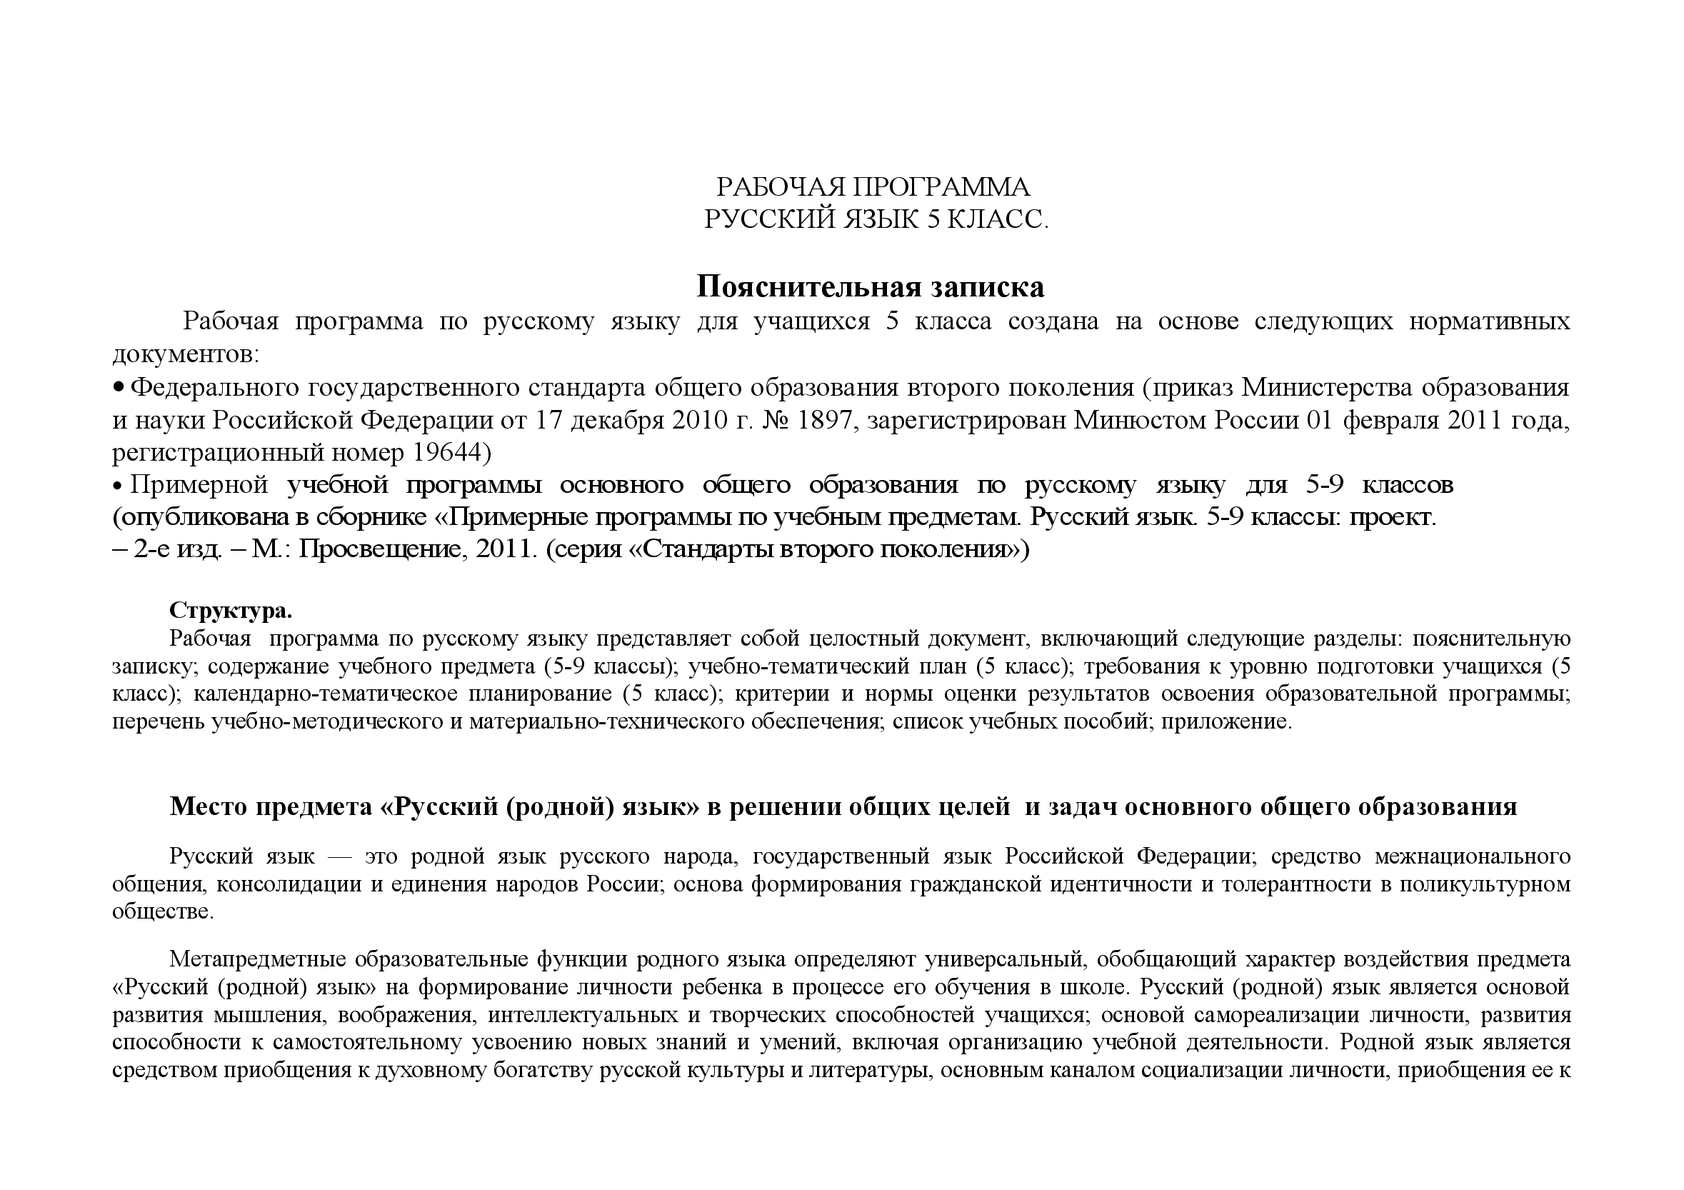 Контрольный диктант по русскому языку 5 класс разумовская 2 четверть